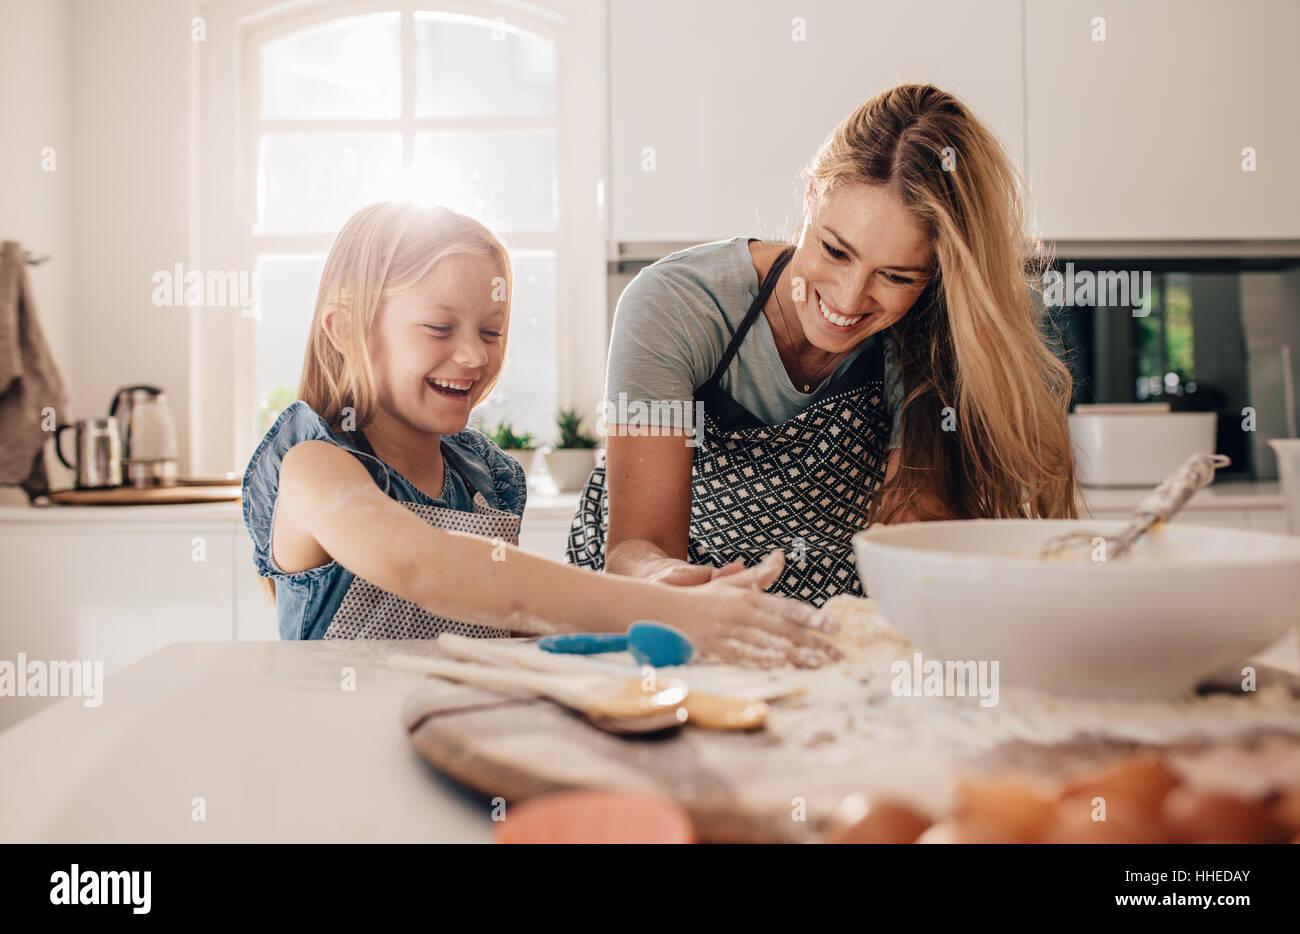 Fröhliches junges Mädchen mit ihrer Mutter Teig. Mutter und Tochter in Küche backen. Stockbild